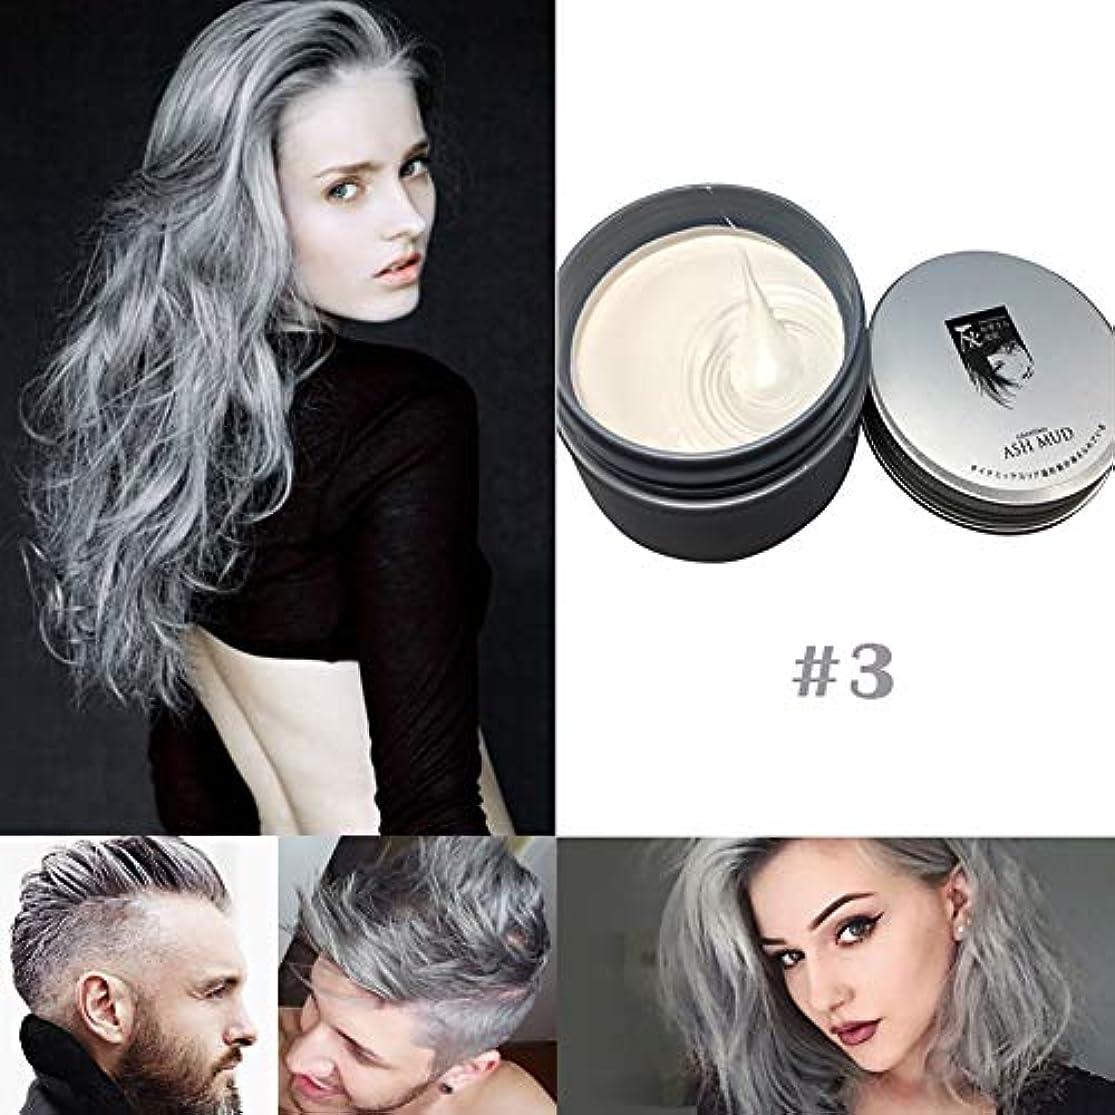 狭い以前は金曜日Dkhsy グラニーヘアグレーワックス一時的なヘアダイクリームカラー泥モデリングファッションスタイル髪7色